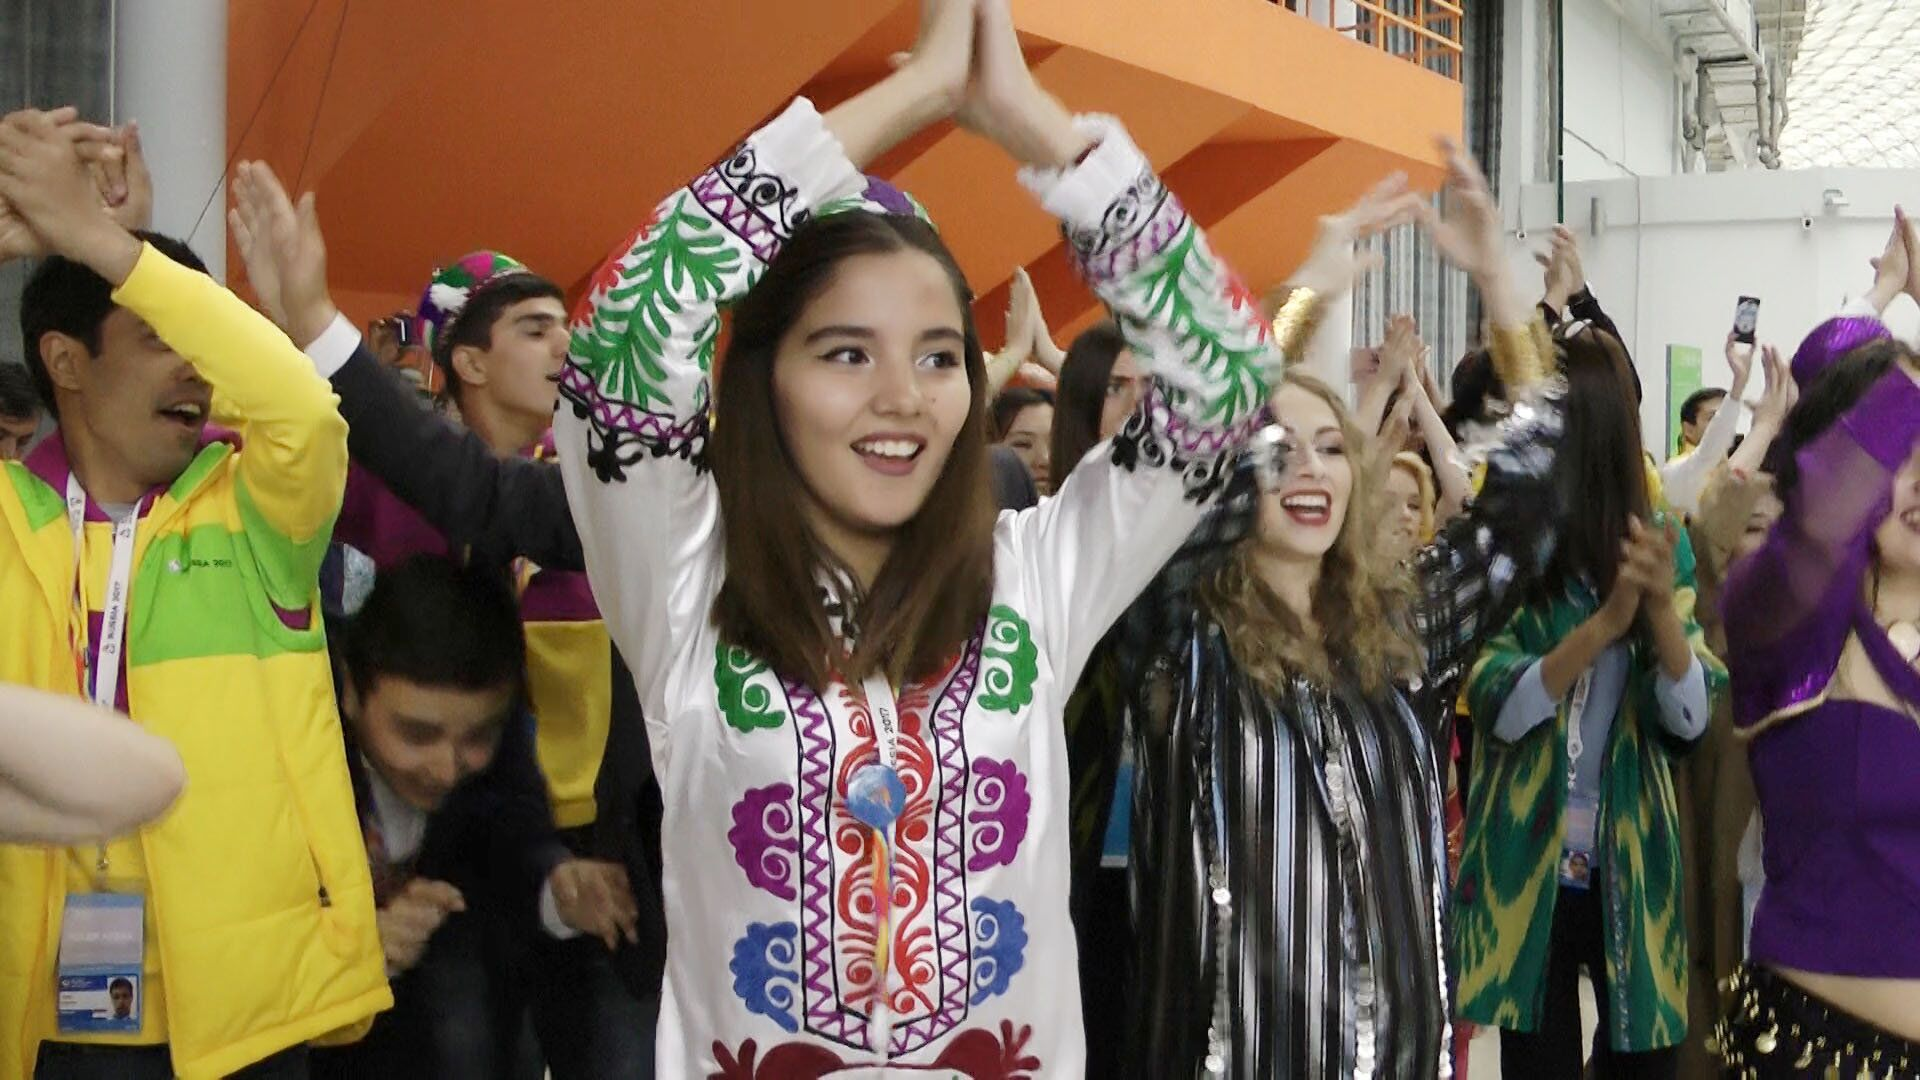 Таджикские студенты устроили флешмоб на ВФМС - Sputnik Тоҷикистон, 1920, 06.04.2021